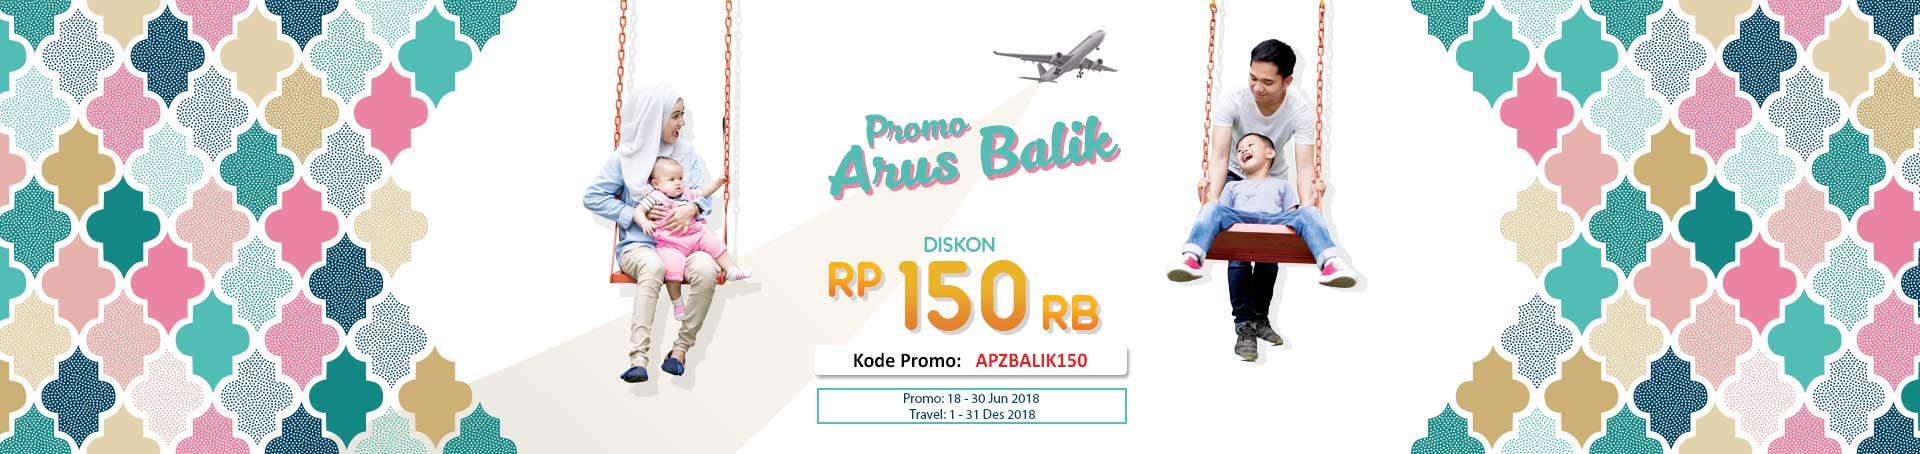 Airpaz Promo Arus Balik Diskon Tiket Pesawat Rp 150 Ribu